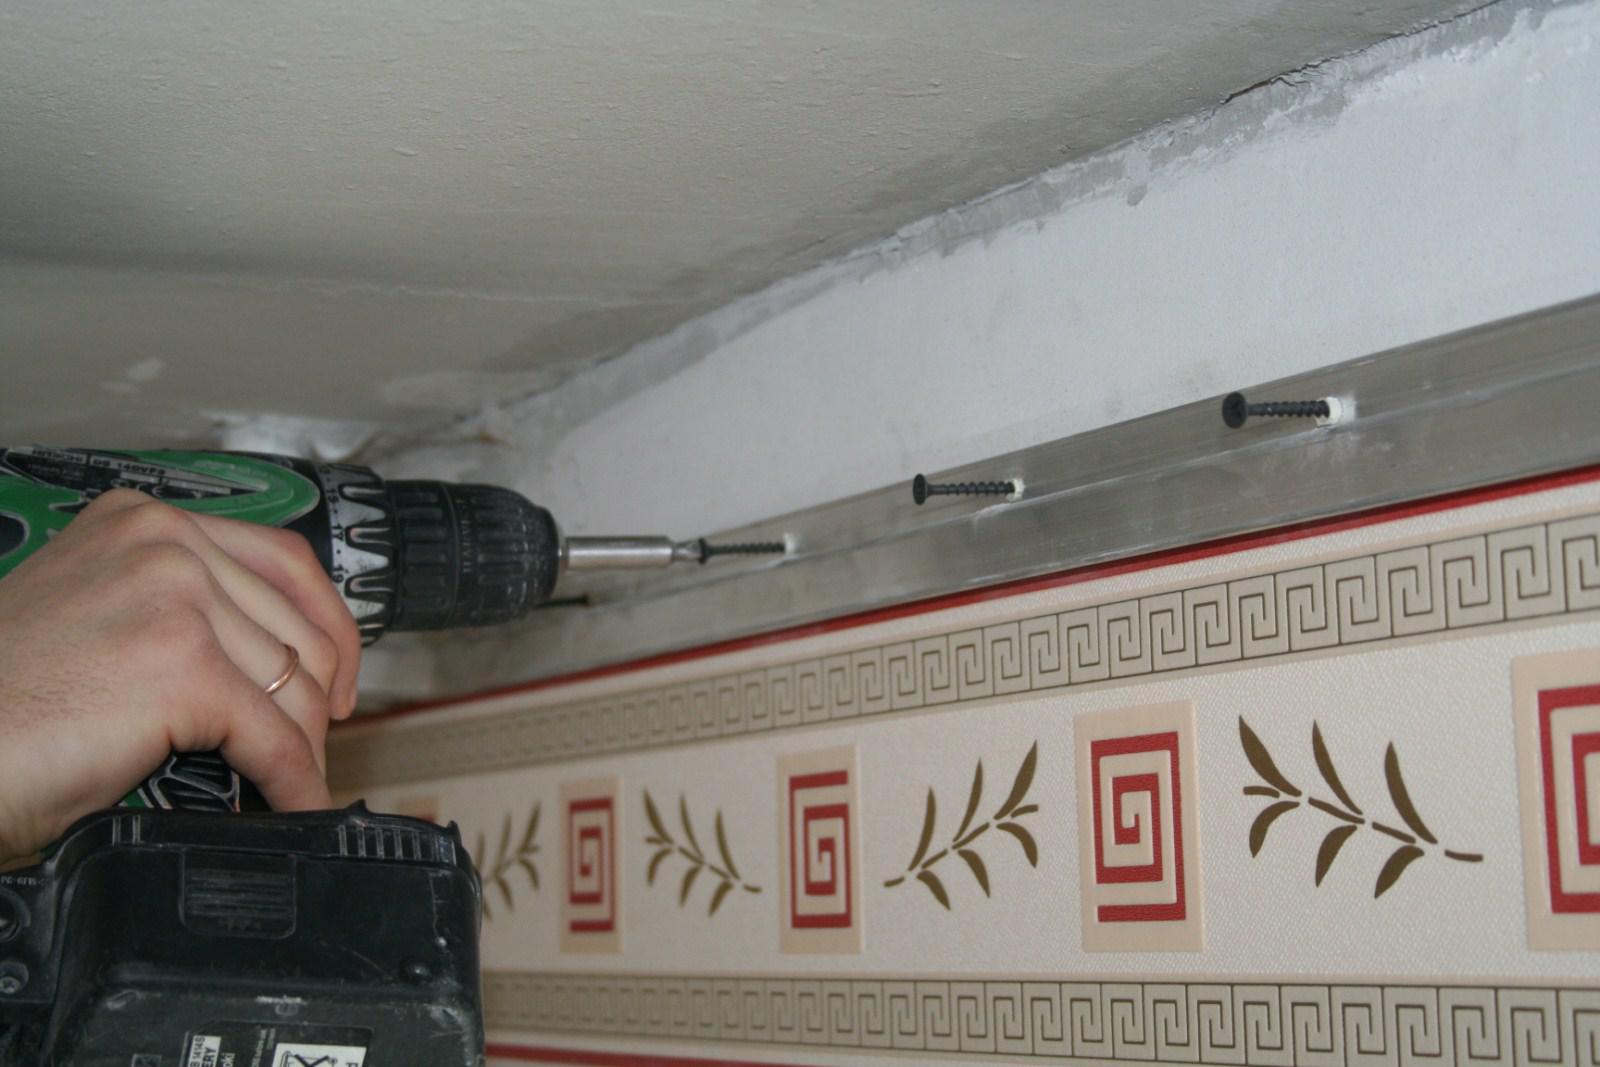 Багет крепится к стеновой поверхности